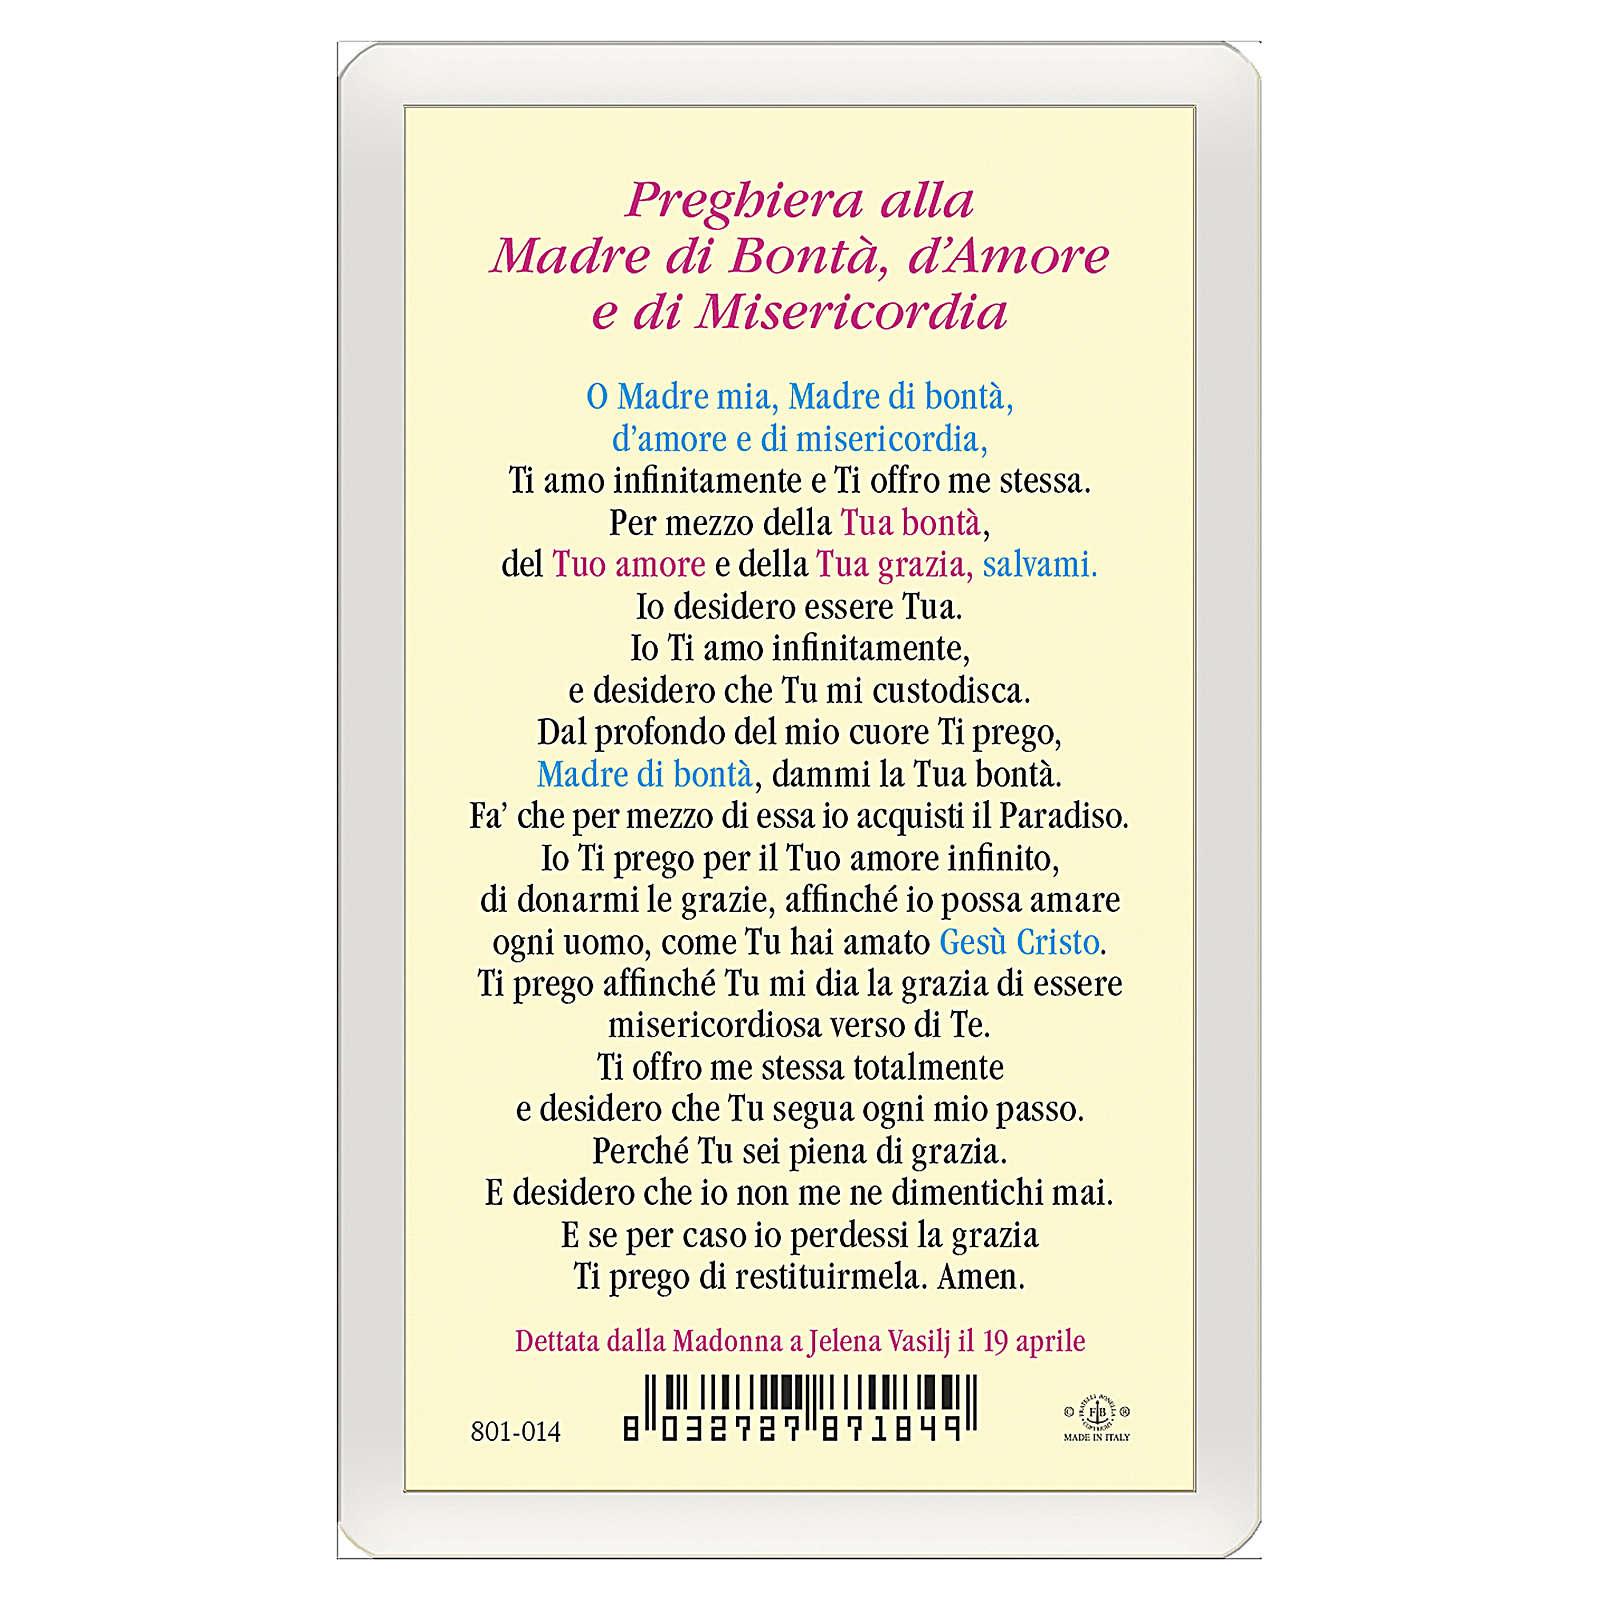 Obrazek Madonna Medziugorie Matka Dobroci Miłości Miłosierdzia  IT 10x5 4